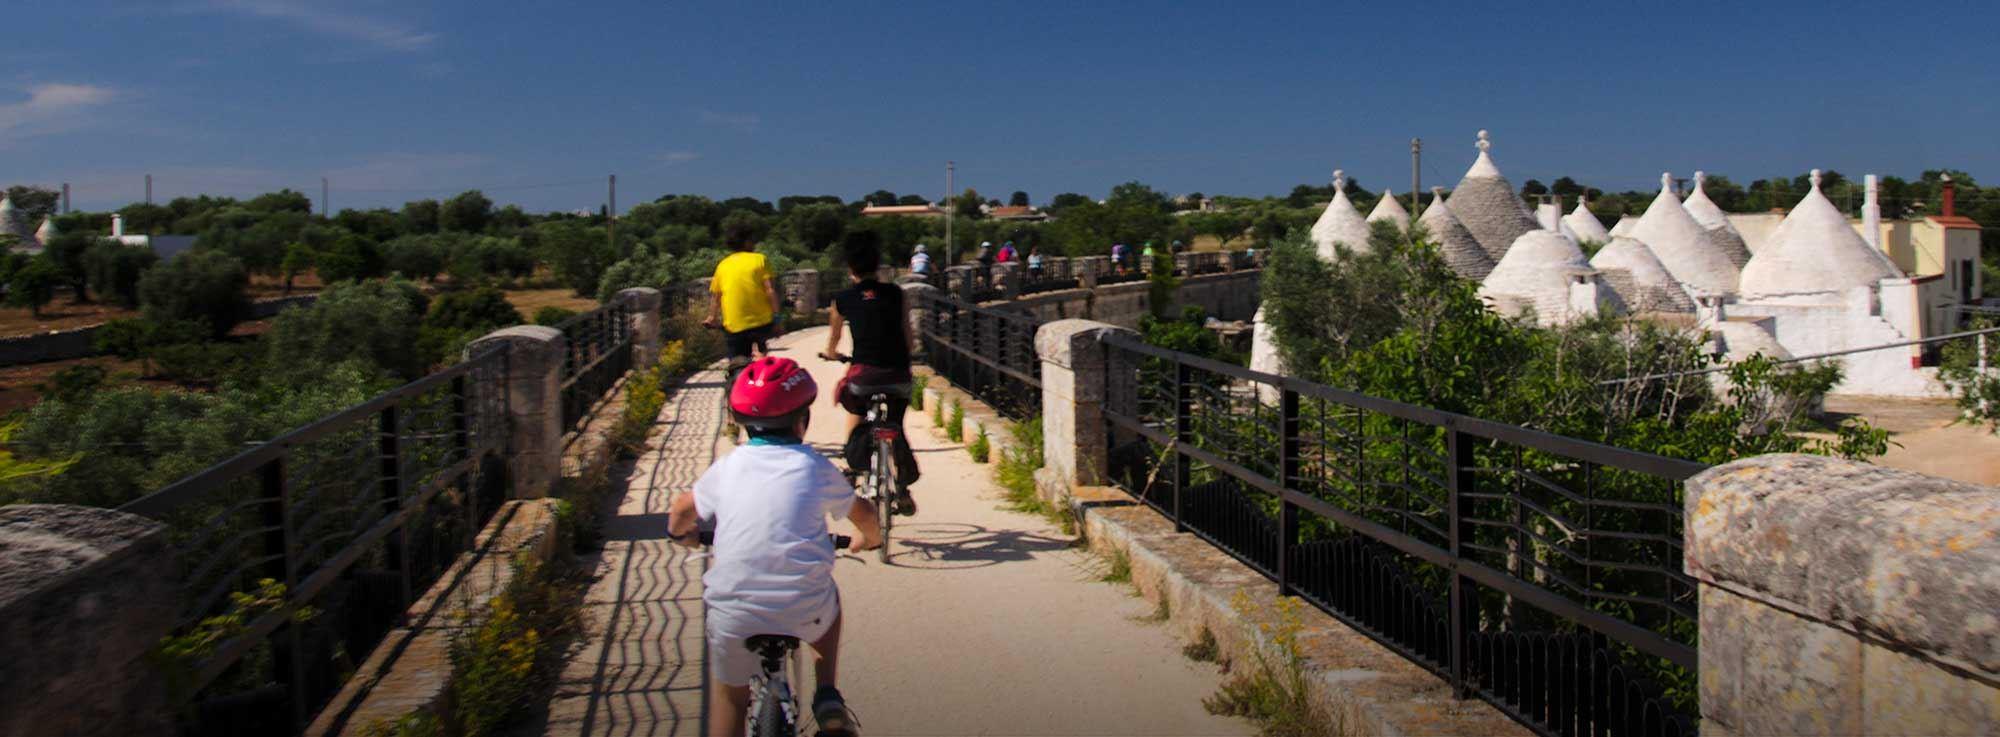 Valle d'Itria: Cicloescursione nella Valle d'Itria, in bicicletta sulle Vie dell'Acqua